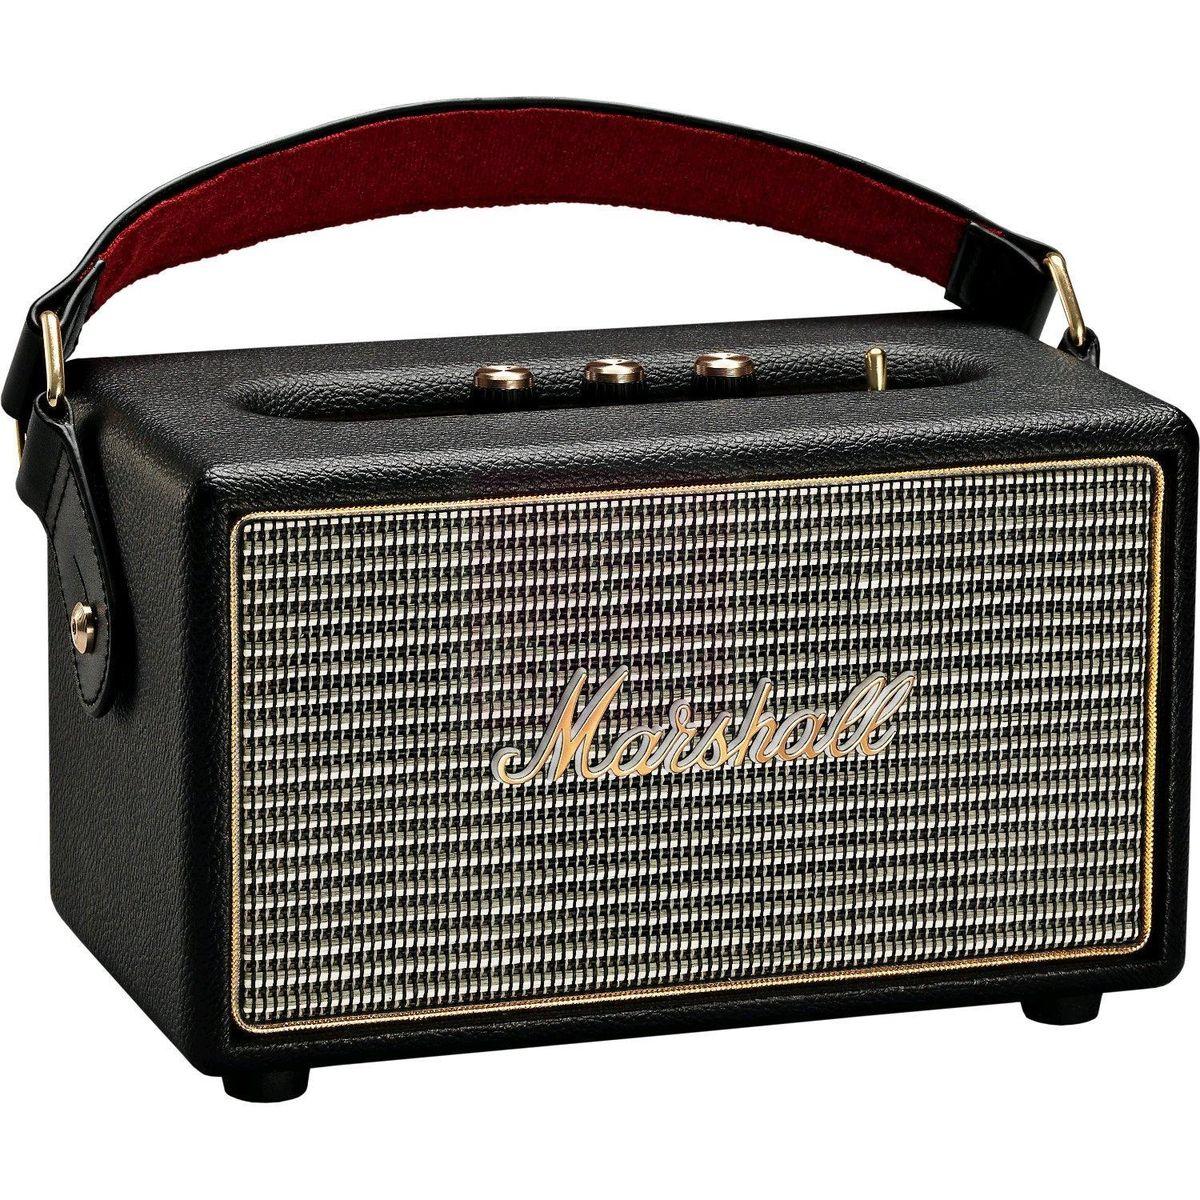 Marshall Kilburn, Black акустическая система7340055313834The Kilburn - это первая колонка в линейке акустики Marshall, освобожденная от проводов. Небольшая, весом всего в 3 килограмма, она может похвастаться одними из самых громких динамиков в своем классе, которые обеспечивают не только мощный бас, но и широкую звуковую сцену, четкую панораму и детализированное звучание.По традиции устройство выполнено в стиле олдскульных гитарных усилителей: обтянутый винилом корпус, металлическая решетка на динамиках с легендарным логотипом на ней, аналоговые переключатели и ручки регулировок золотого цвета.Путешествуйте налегке вместе с Marshall Kilburn: кожаный ремешок в гитарном стиле позволит брать с собой колонку в любые путешествия, а встроенный аккумулятор обеспечит до 18 часов наслаждения вашей любимой музыкой без подзарядки.Частота кроссовера: 4200 Гц